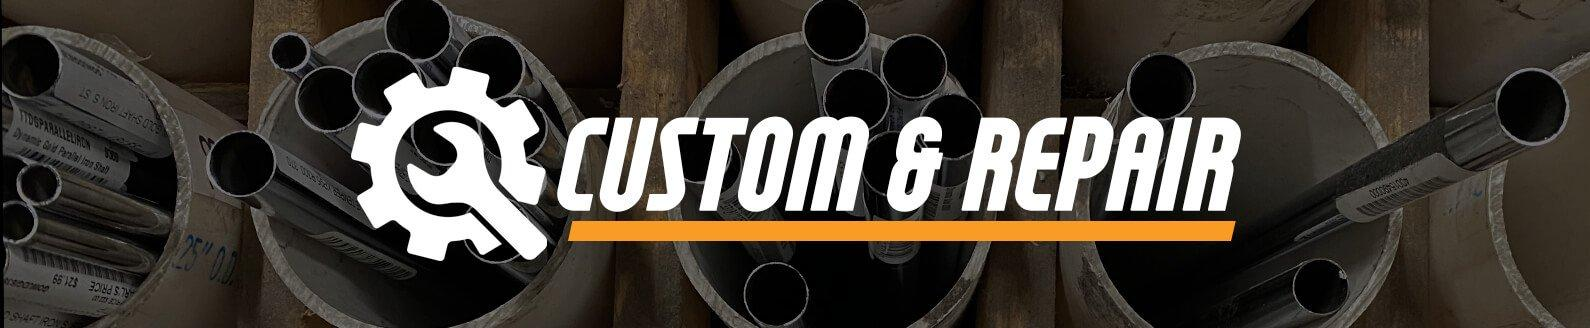 Custom & Repair Shop